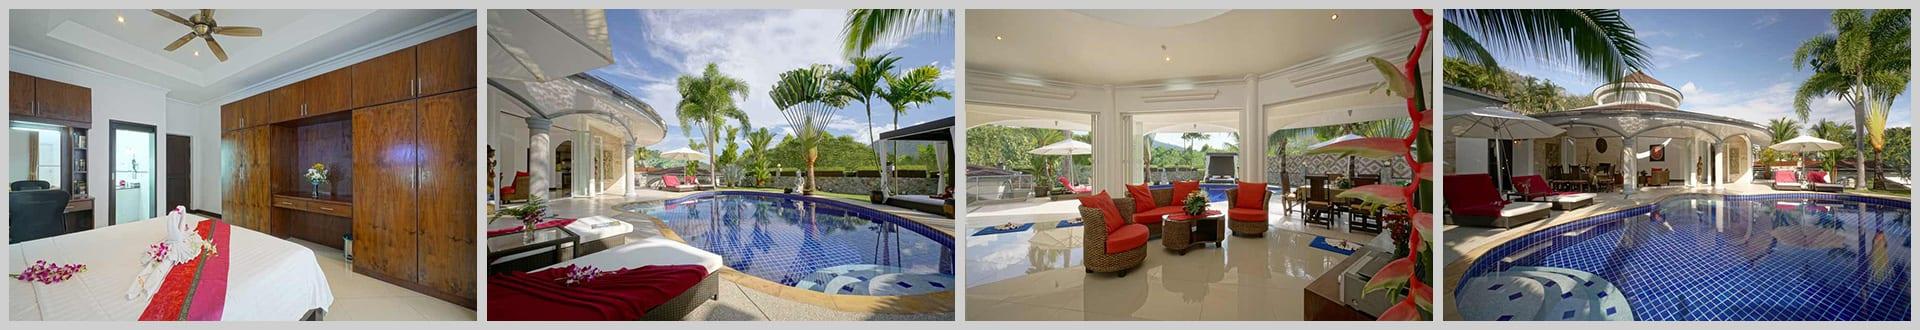 Lotus Luxury Pool Villa Phuket